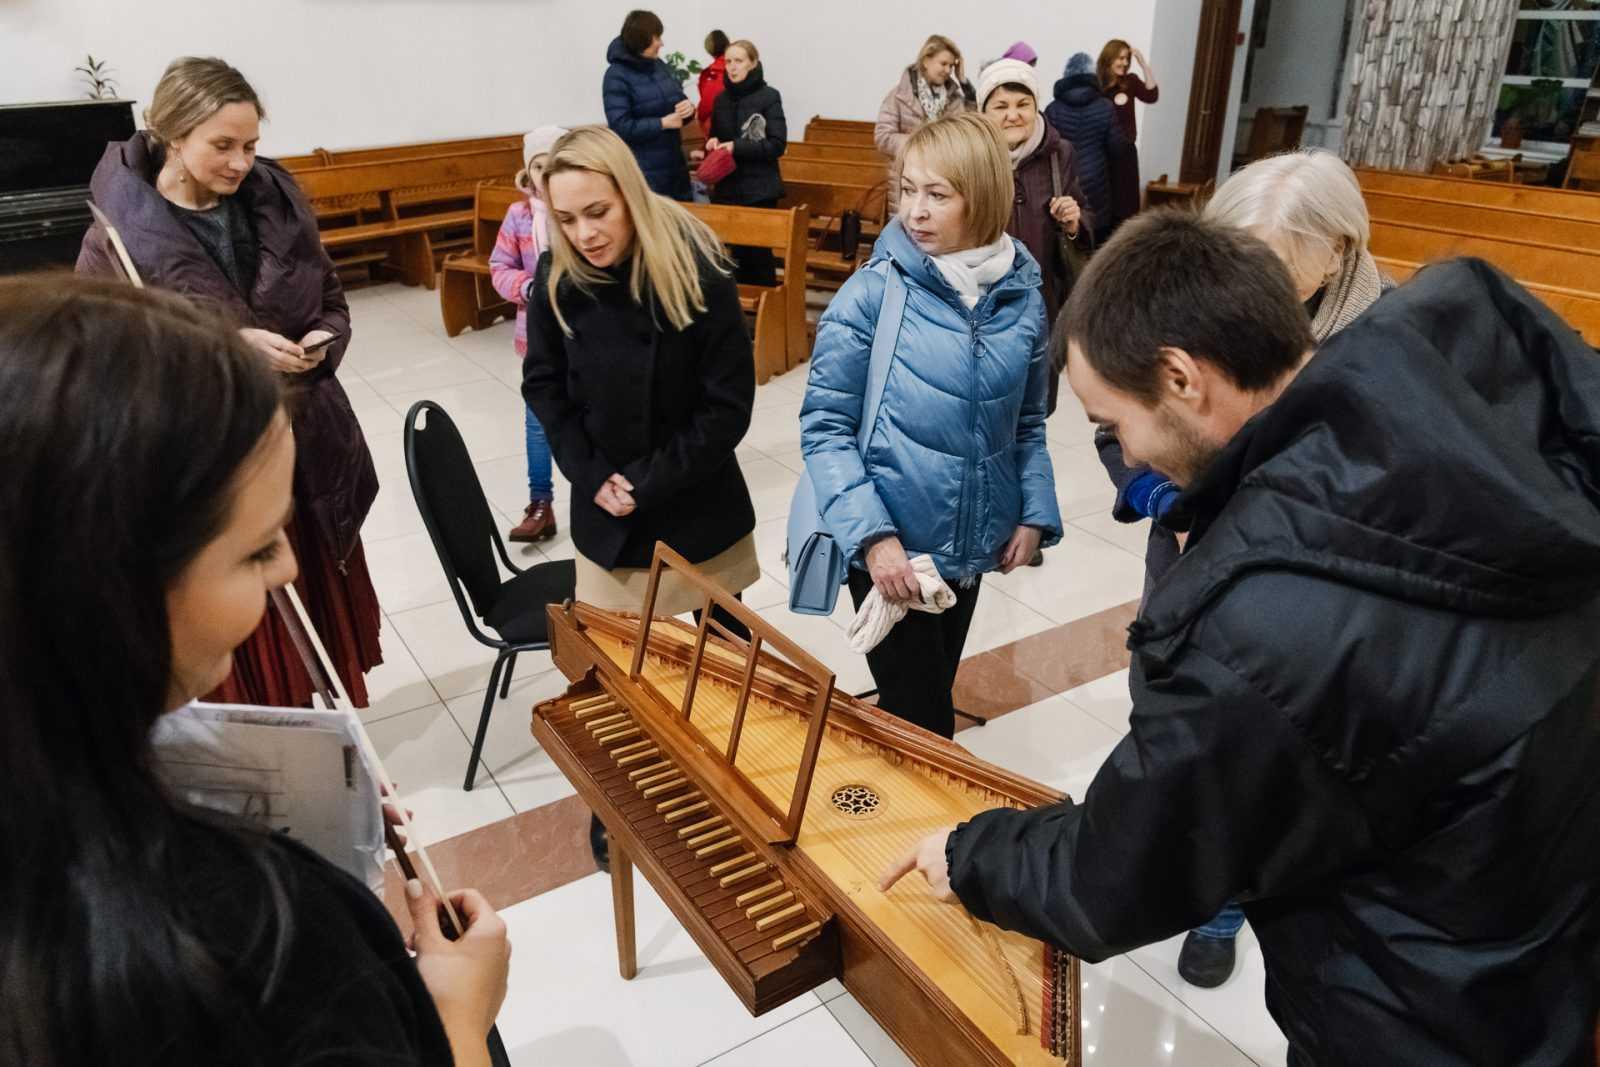 Музыка в храме КОНЦЕРТ «МАСТЕРА БАРОККО» 26.10.2019 45